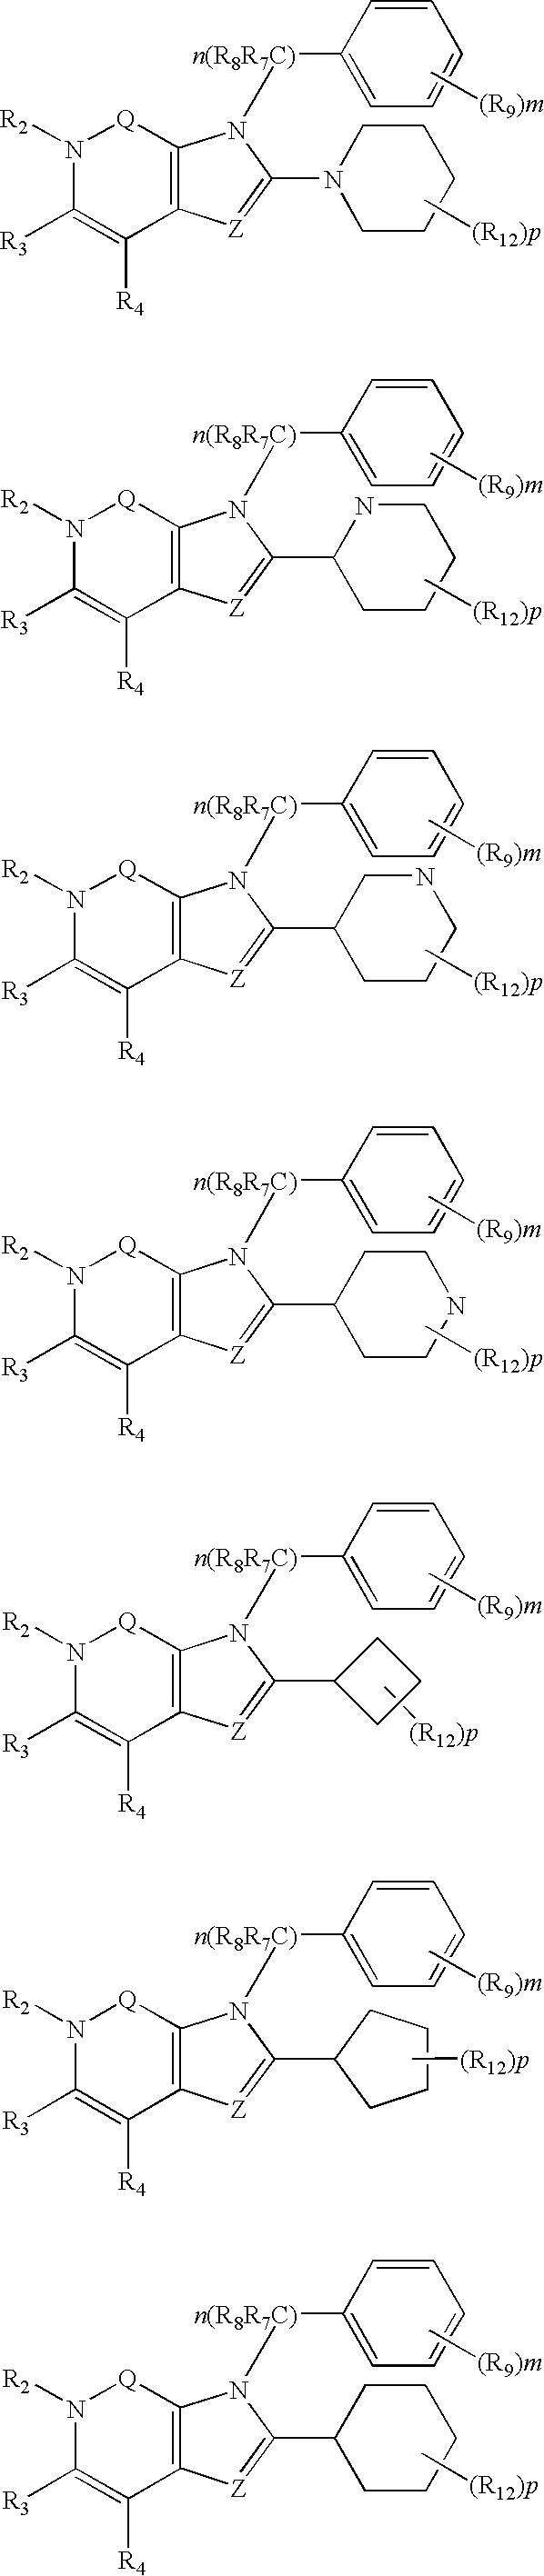 Figure US07169926-20070130-C00014